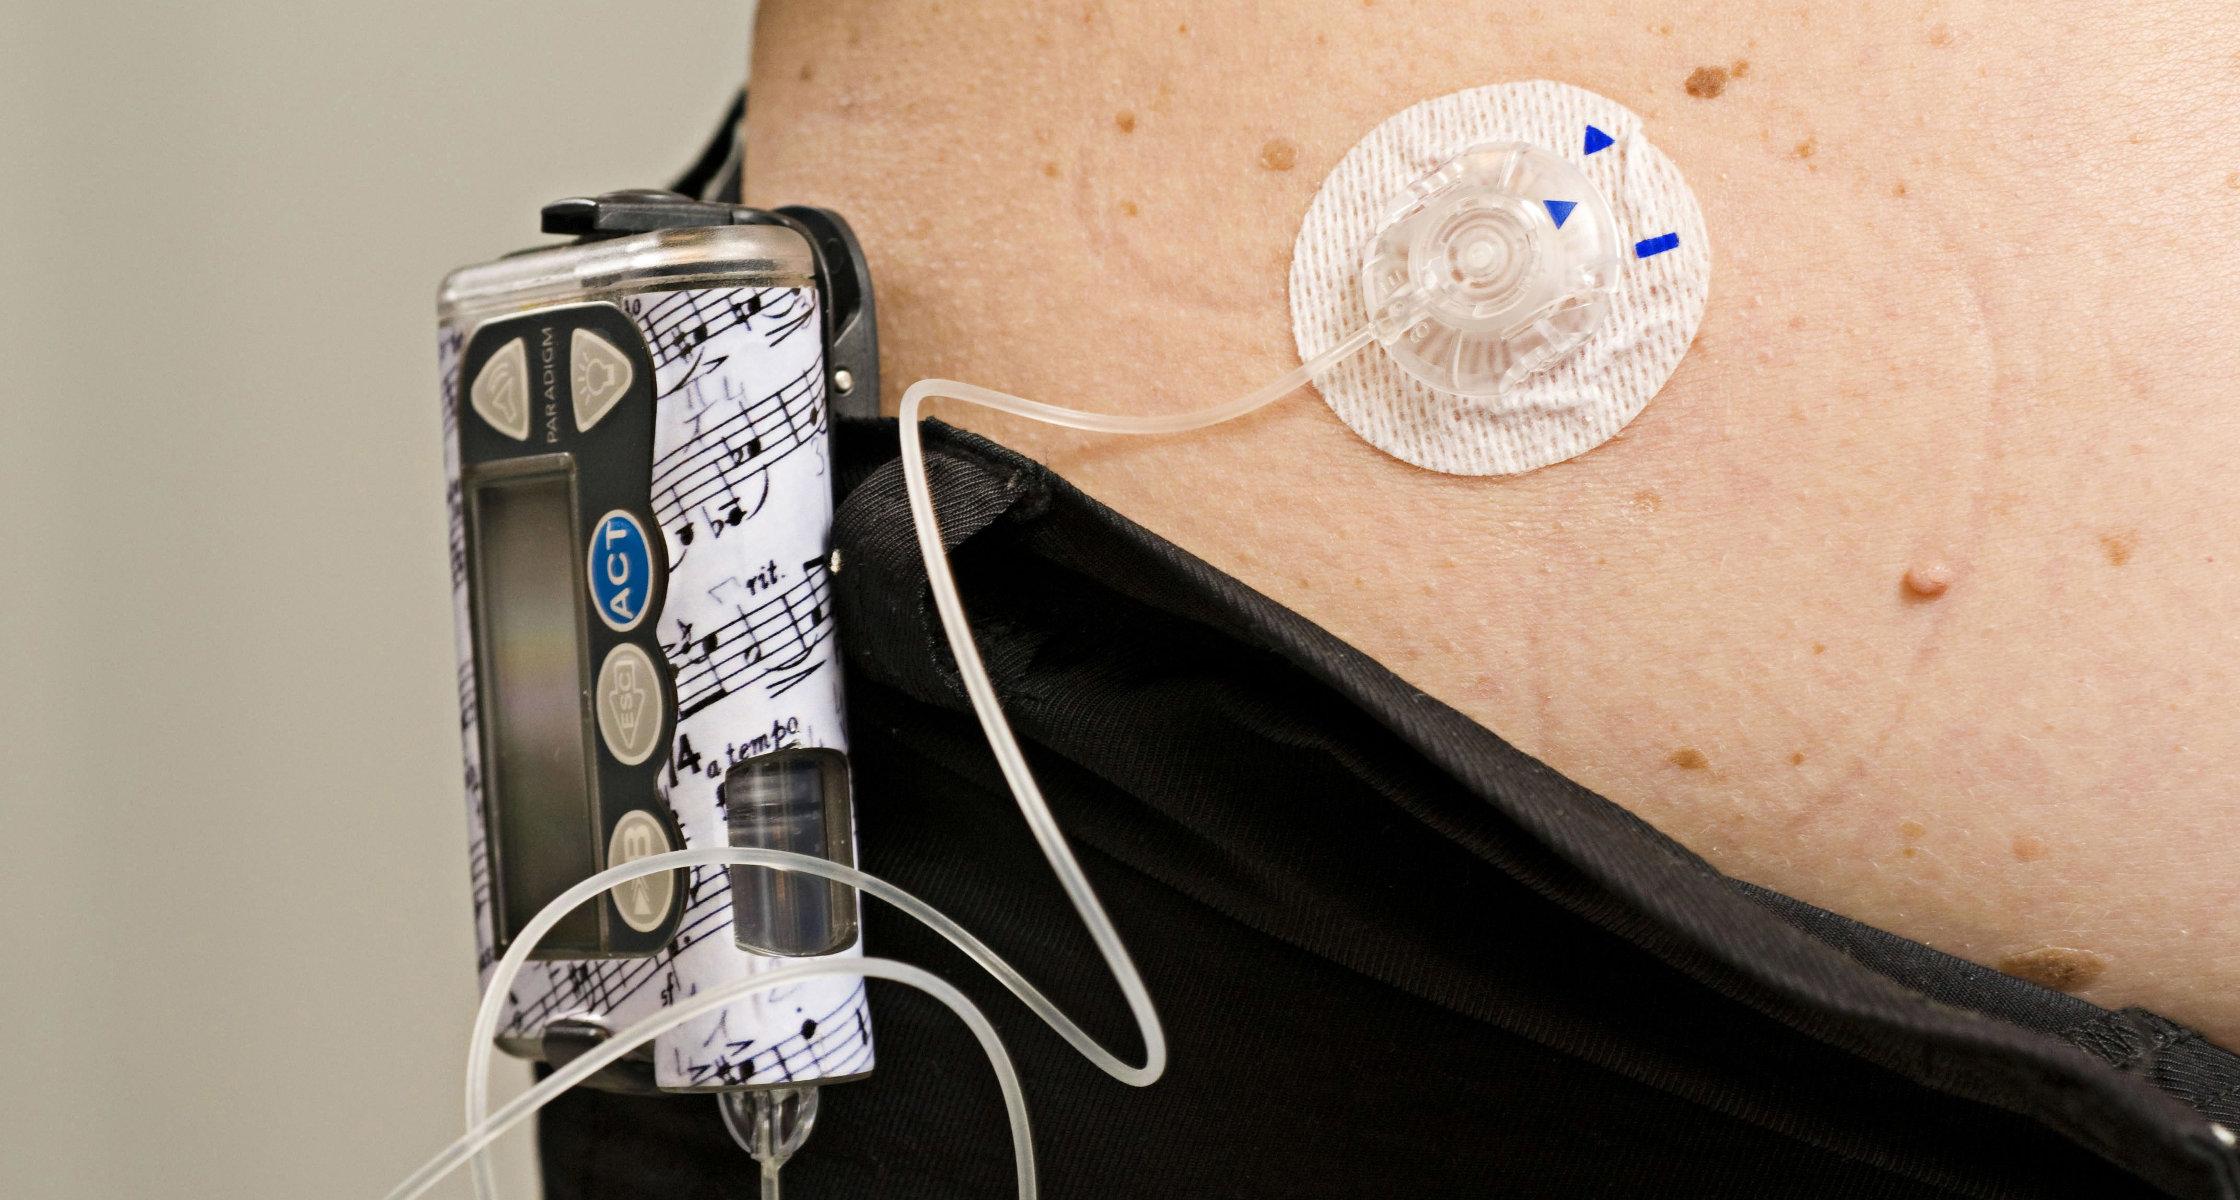 Künstliche Bauchspeicheldrüse bewährt sich bei Typ-1-Diabetes